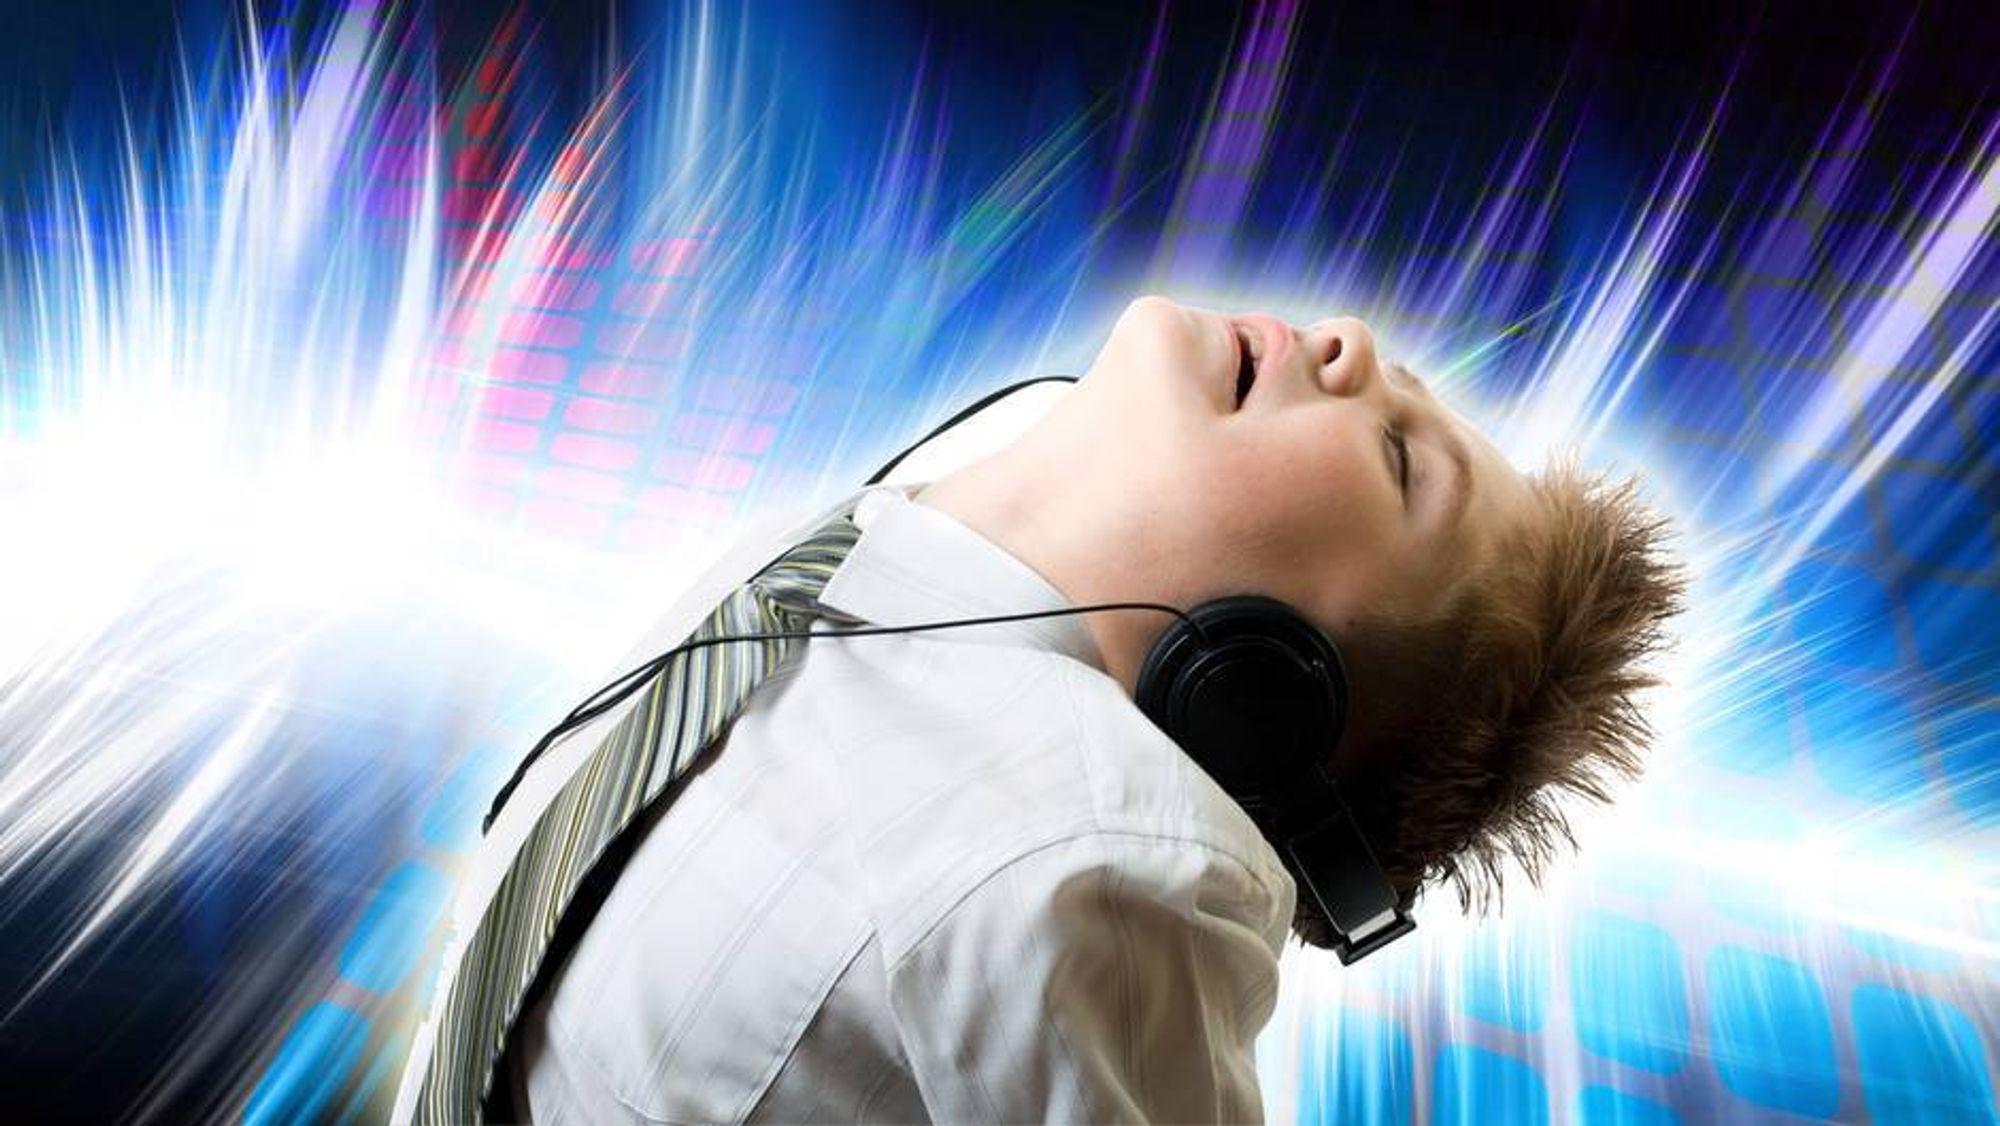 Slik fungerer komprimering av musikk